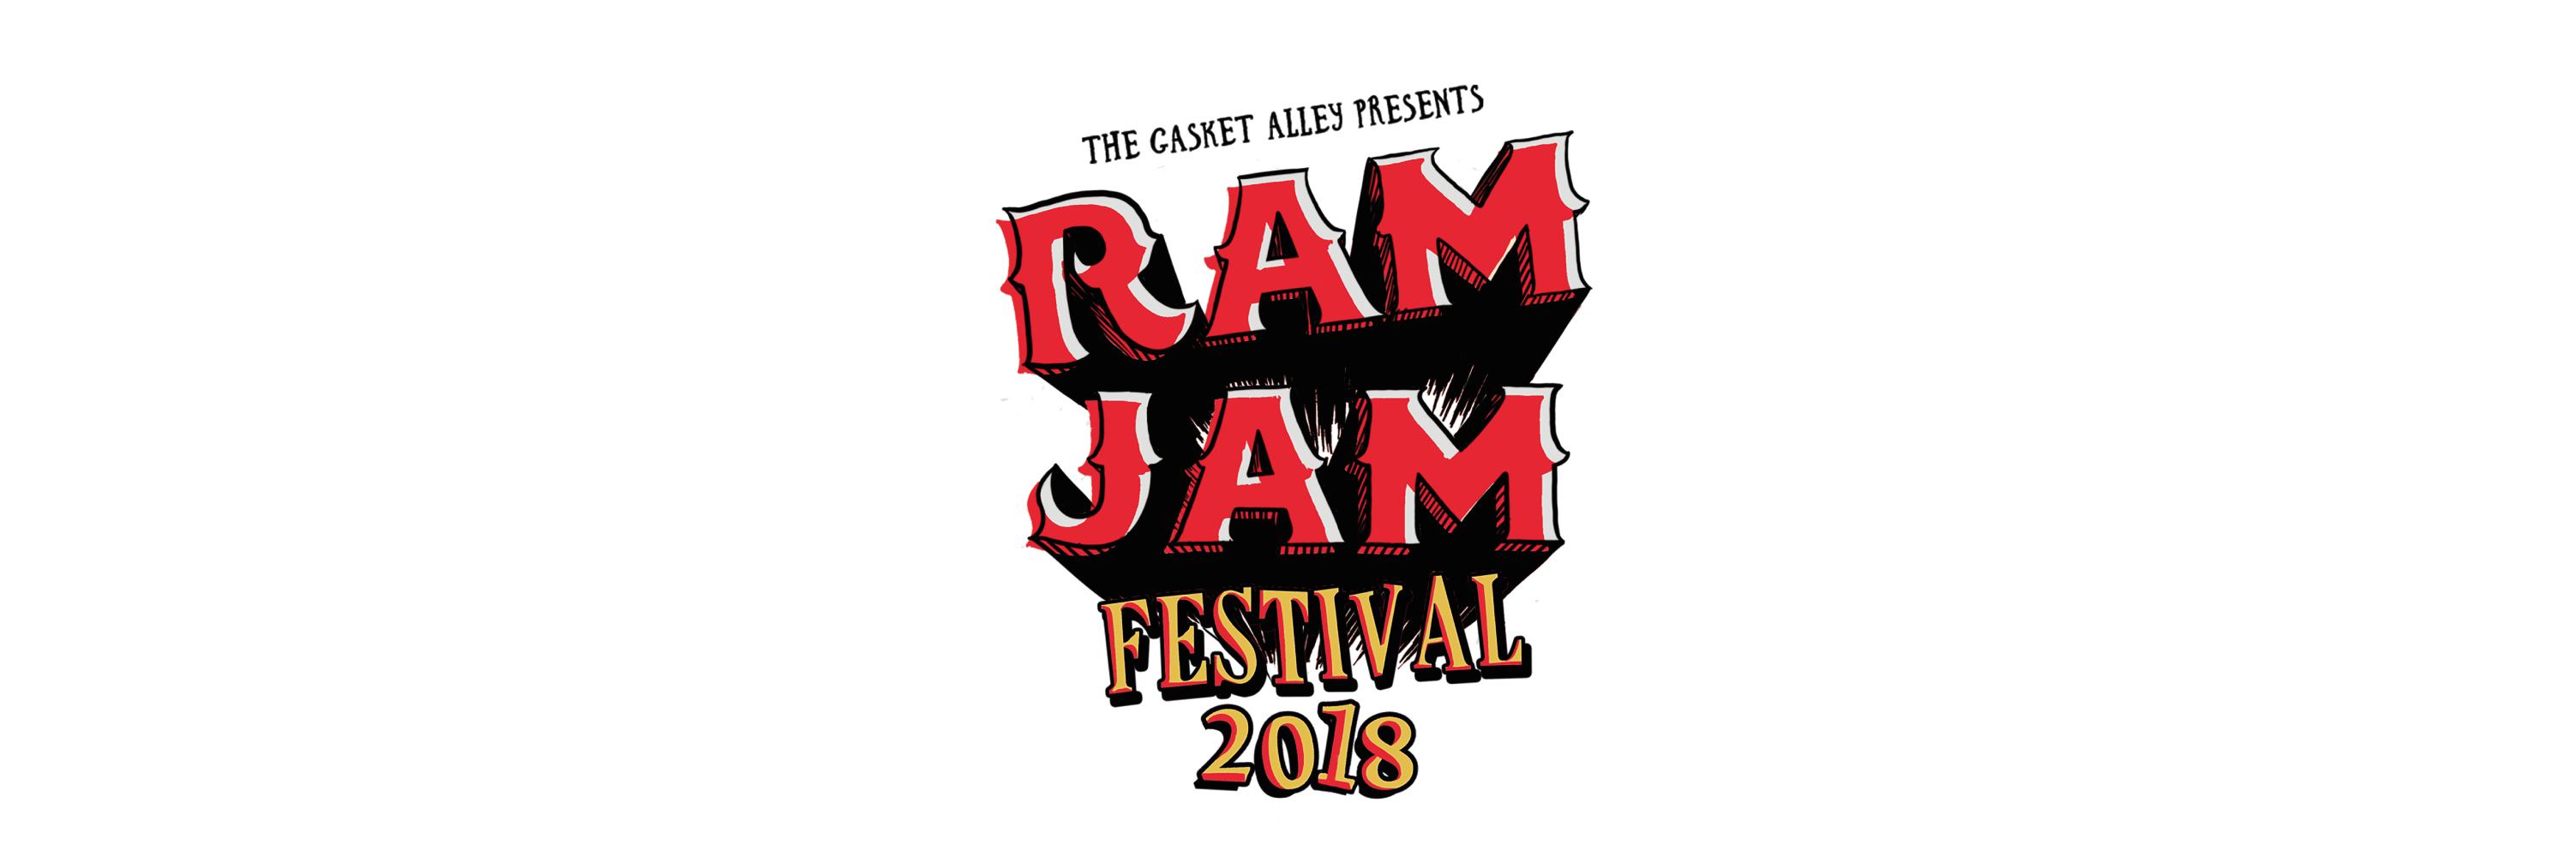 Ram Jam Festival 2018